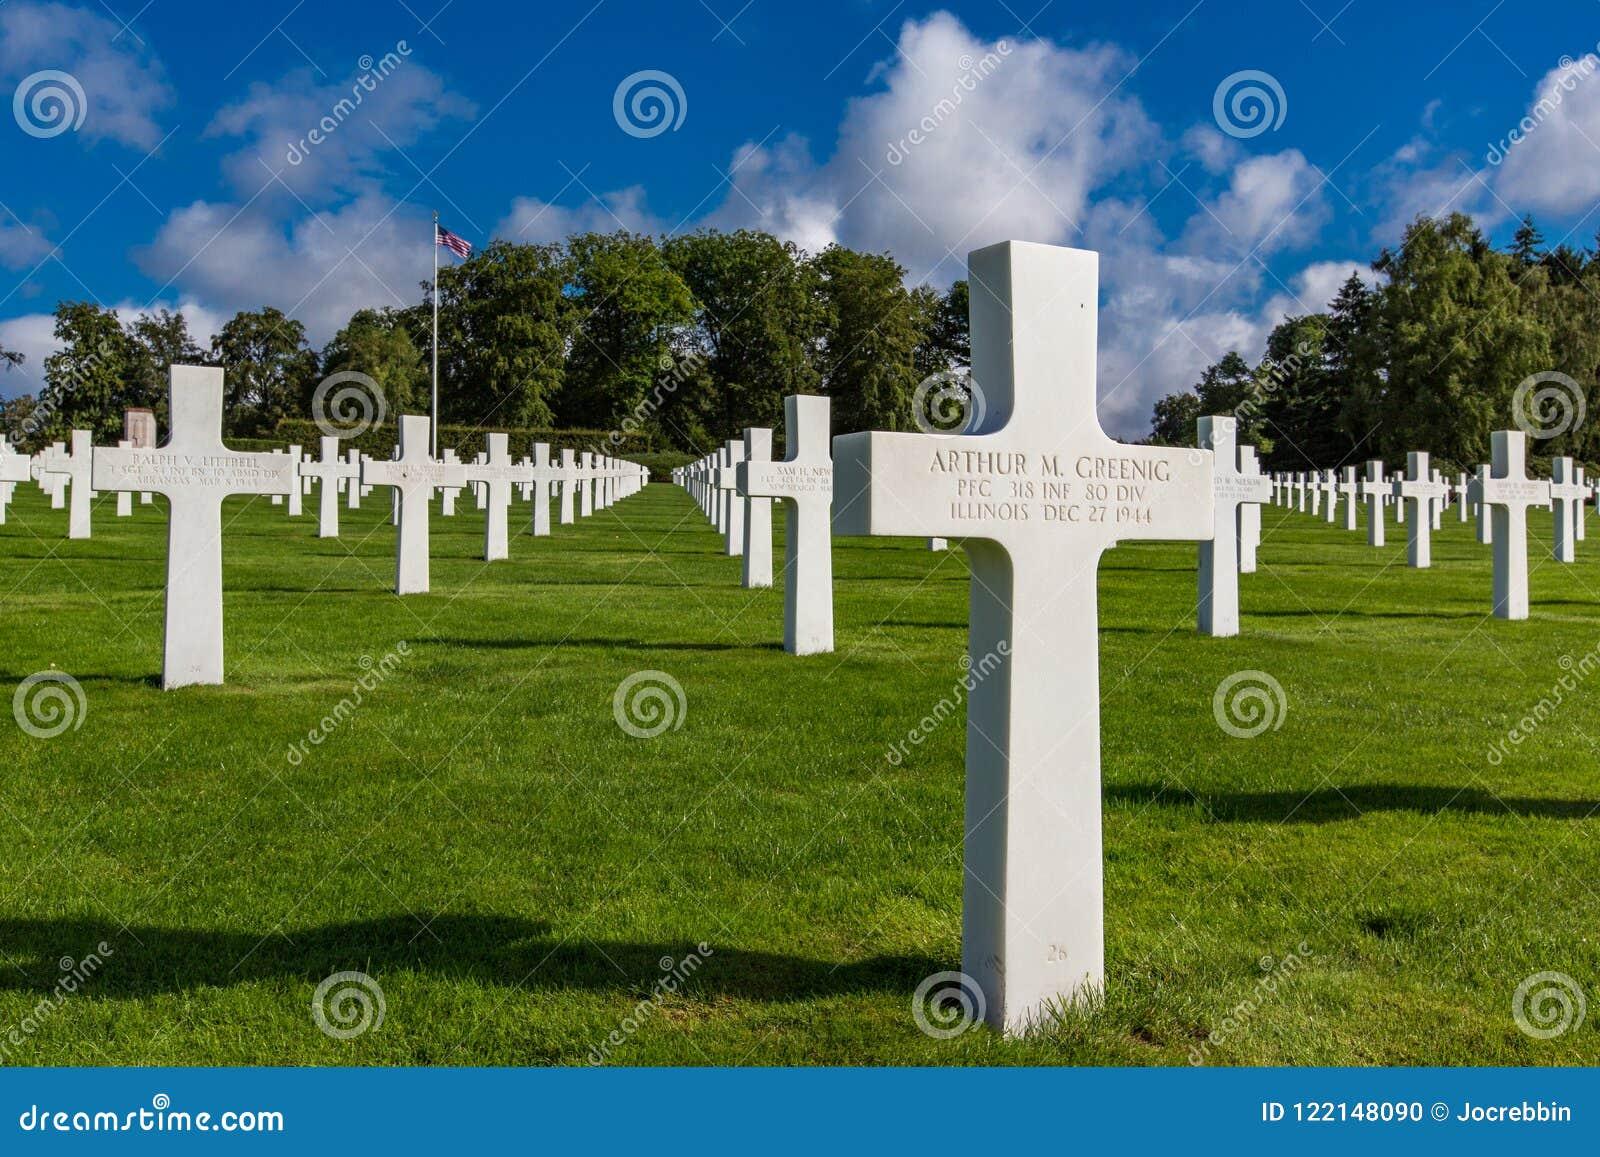 LUXEMBURG - 8 augustus, 2014 - wordt meer dan 5.000 Amerikanen begraven in de Amerikaanse Begraafplaats van Luxemburg met inbegri